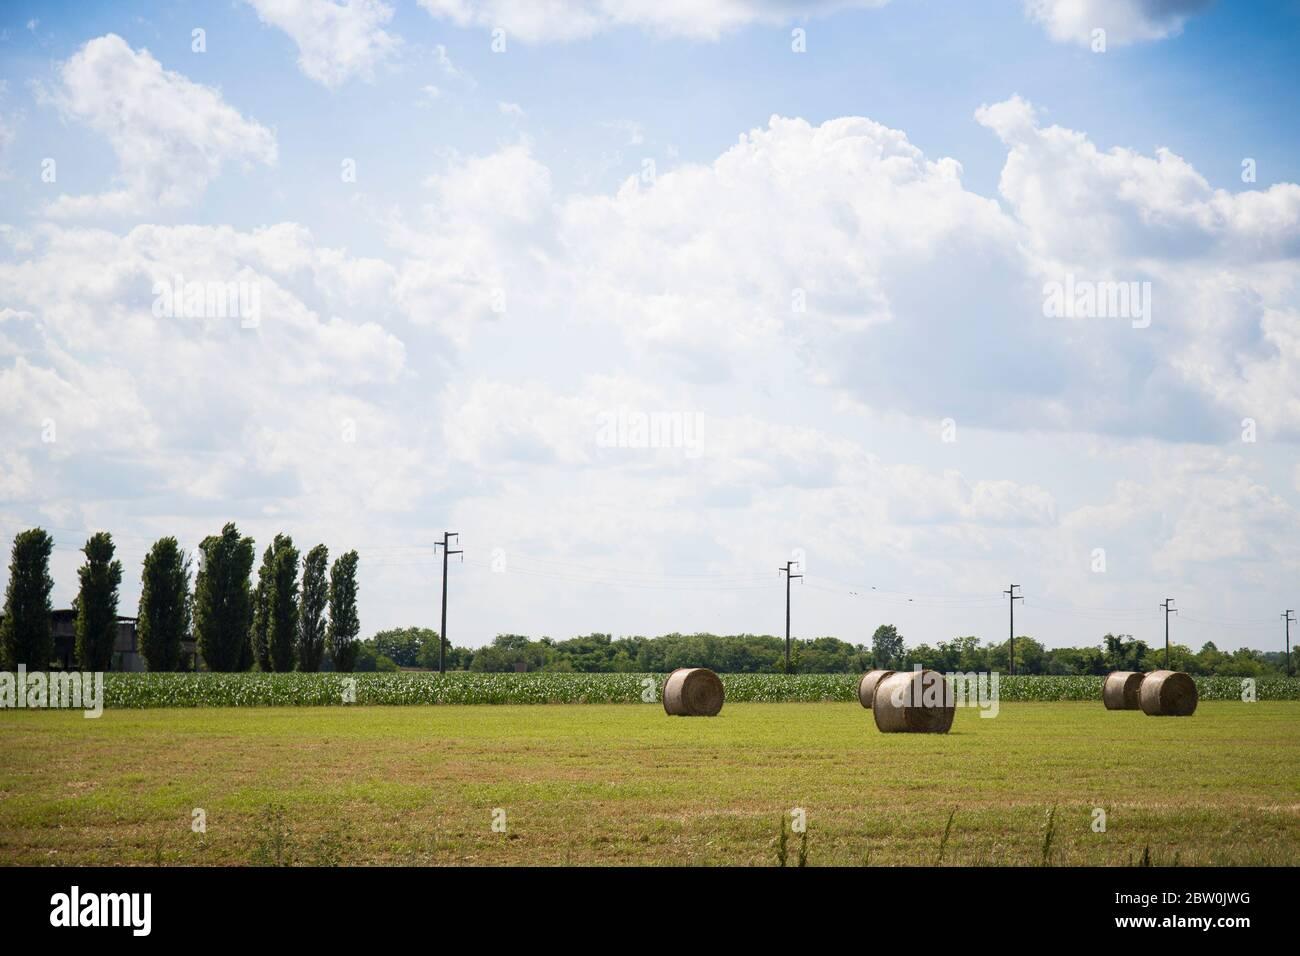 Vue panoramique du paysage agricole et rural typique du nord de l'Italie, avec un ciel bleu, des balles rondes, des arbres et des câbles suspendus. Banque D'Images